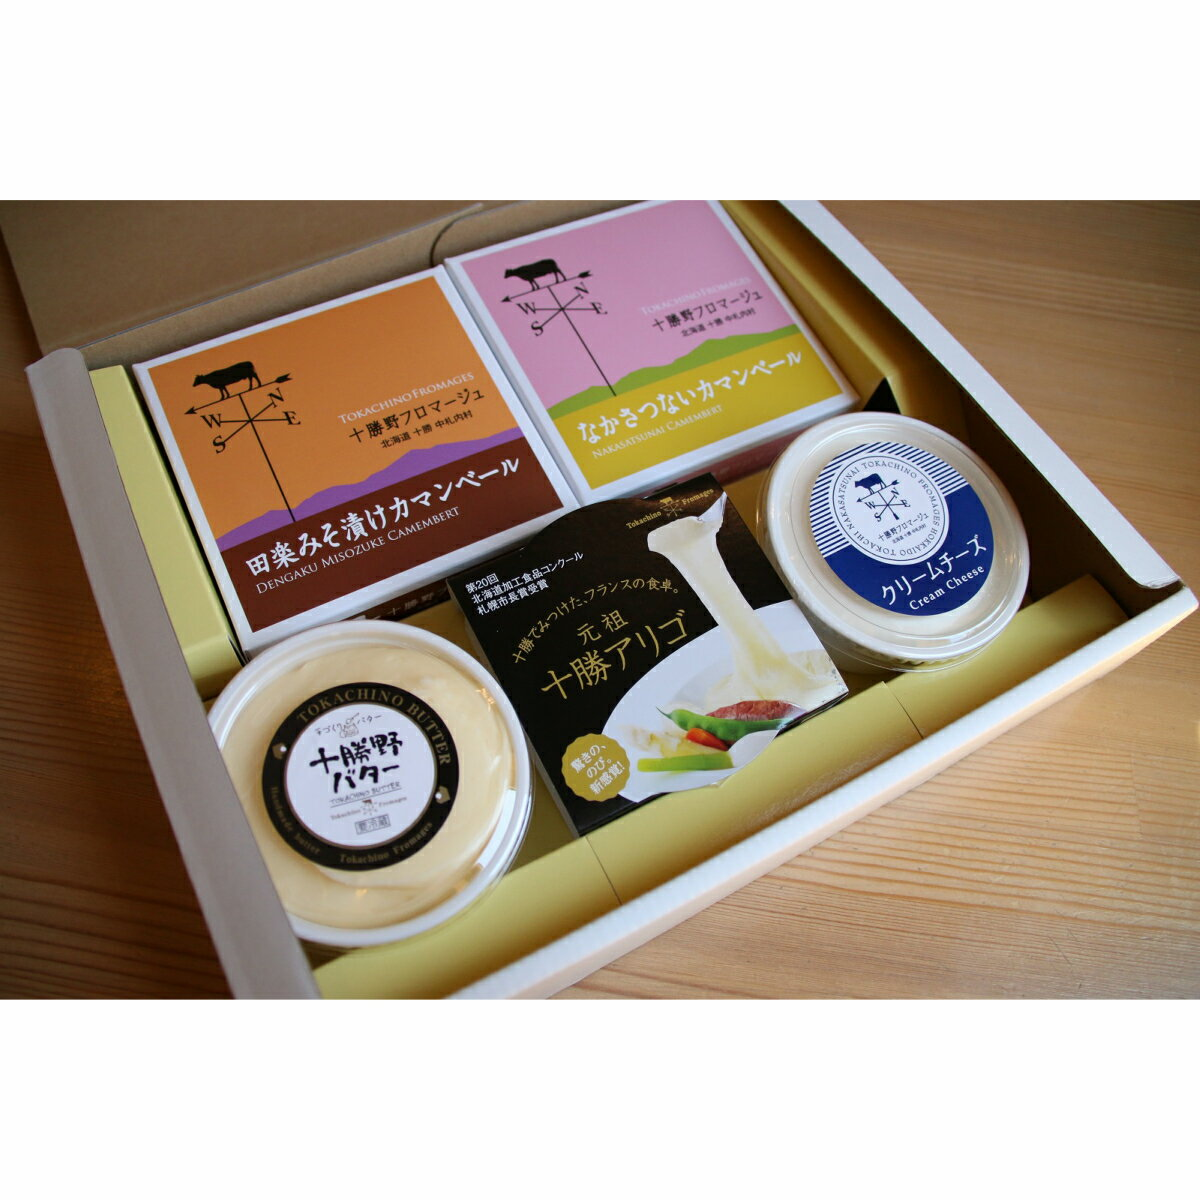 【ふるさと納税】十勝野フロマージュチーズセット